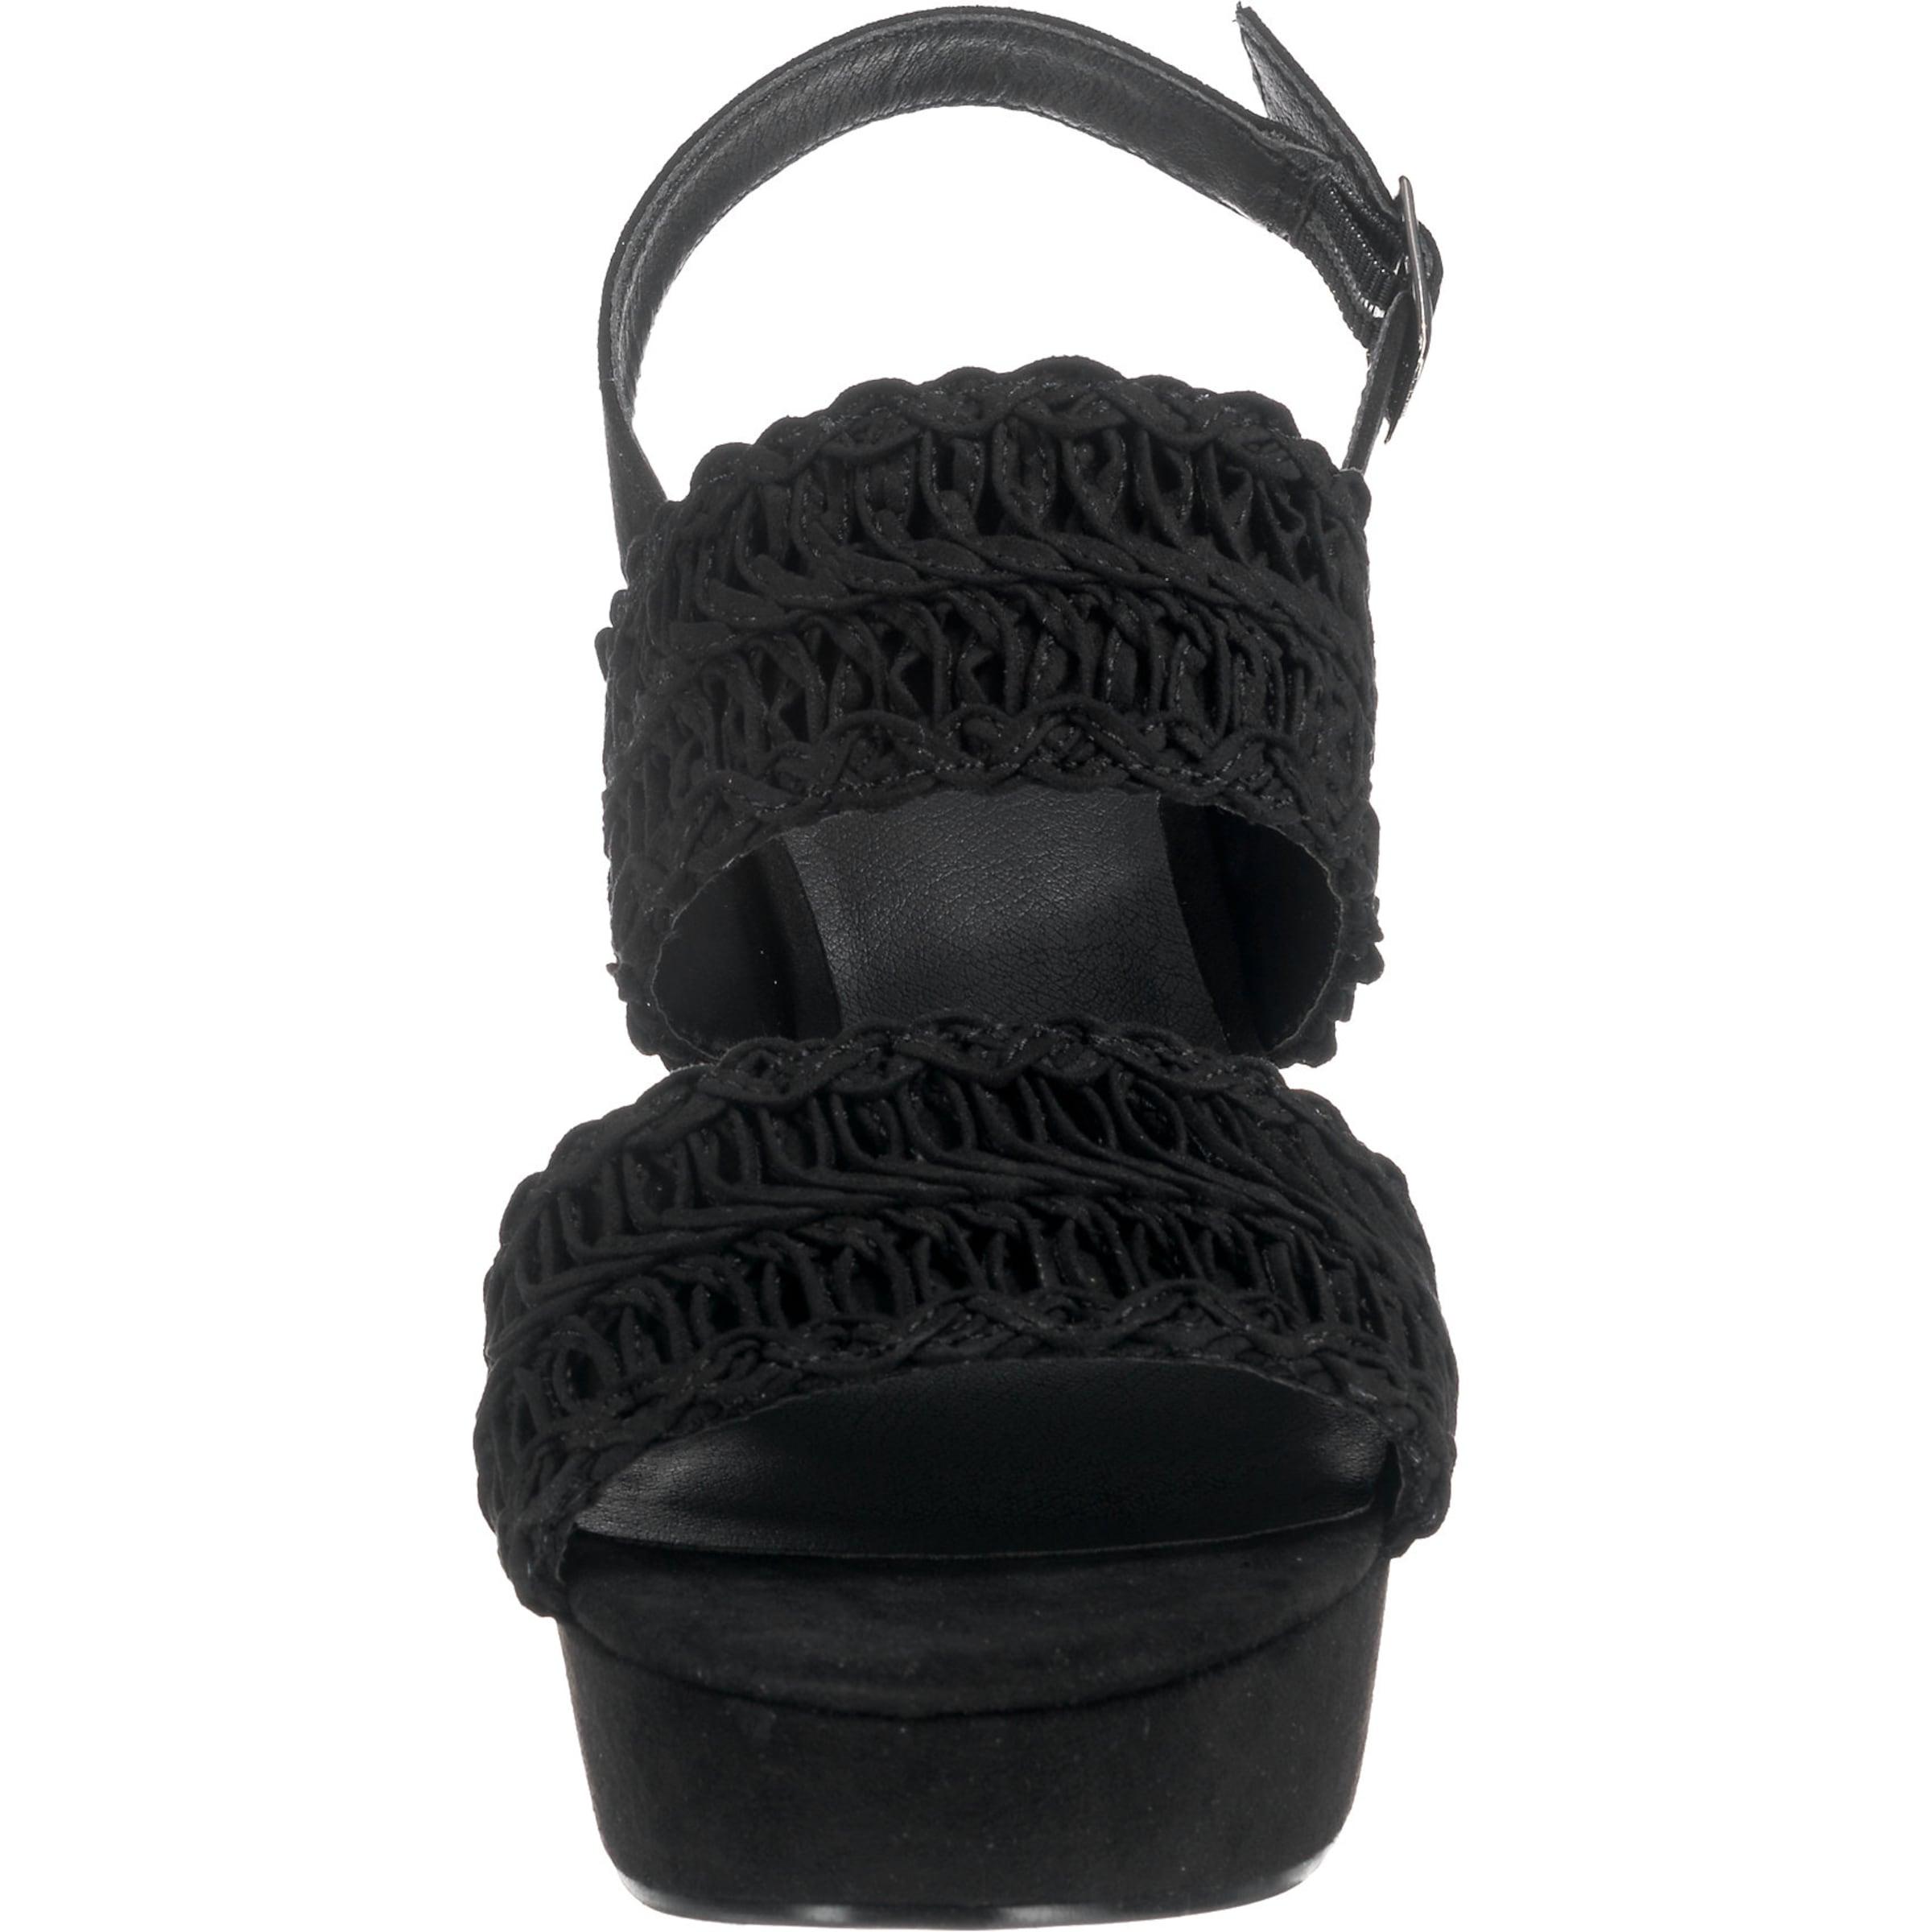 BULLBOXER Plateau-Sandaletten Perfekt Günstiger Preis Auslass Niedriger Preis Verkauf Genießen Günstig Kaufen Ebay 2rOOGfLahY